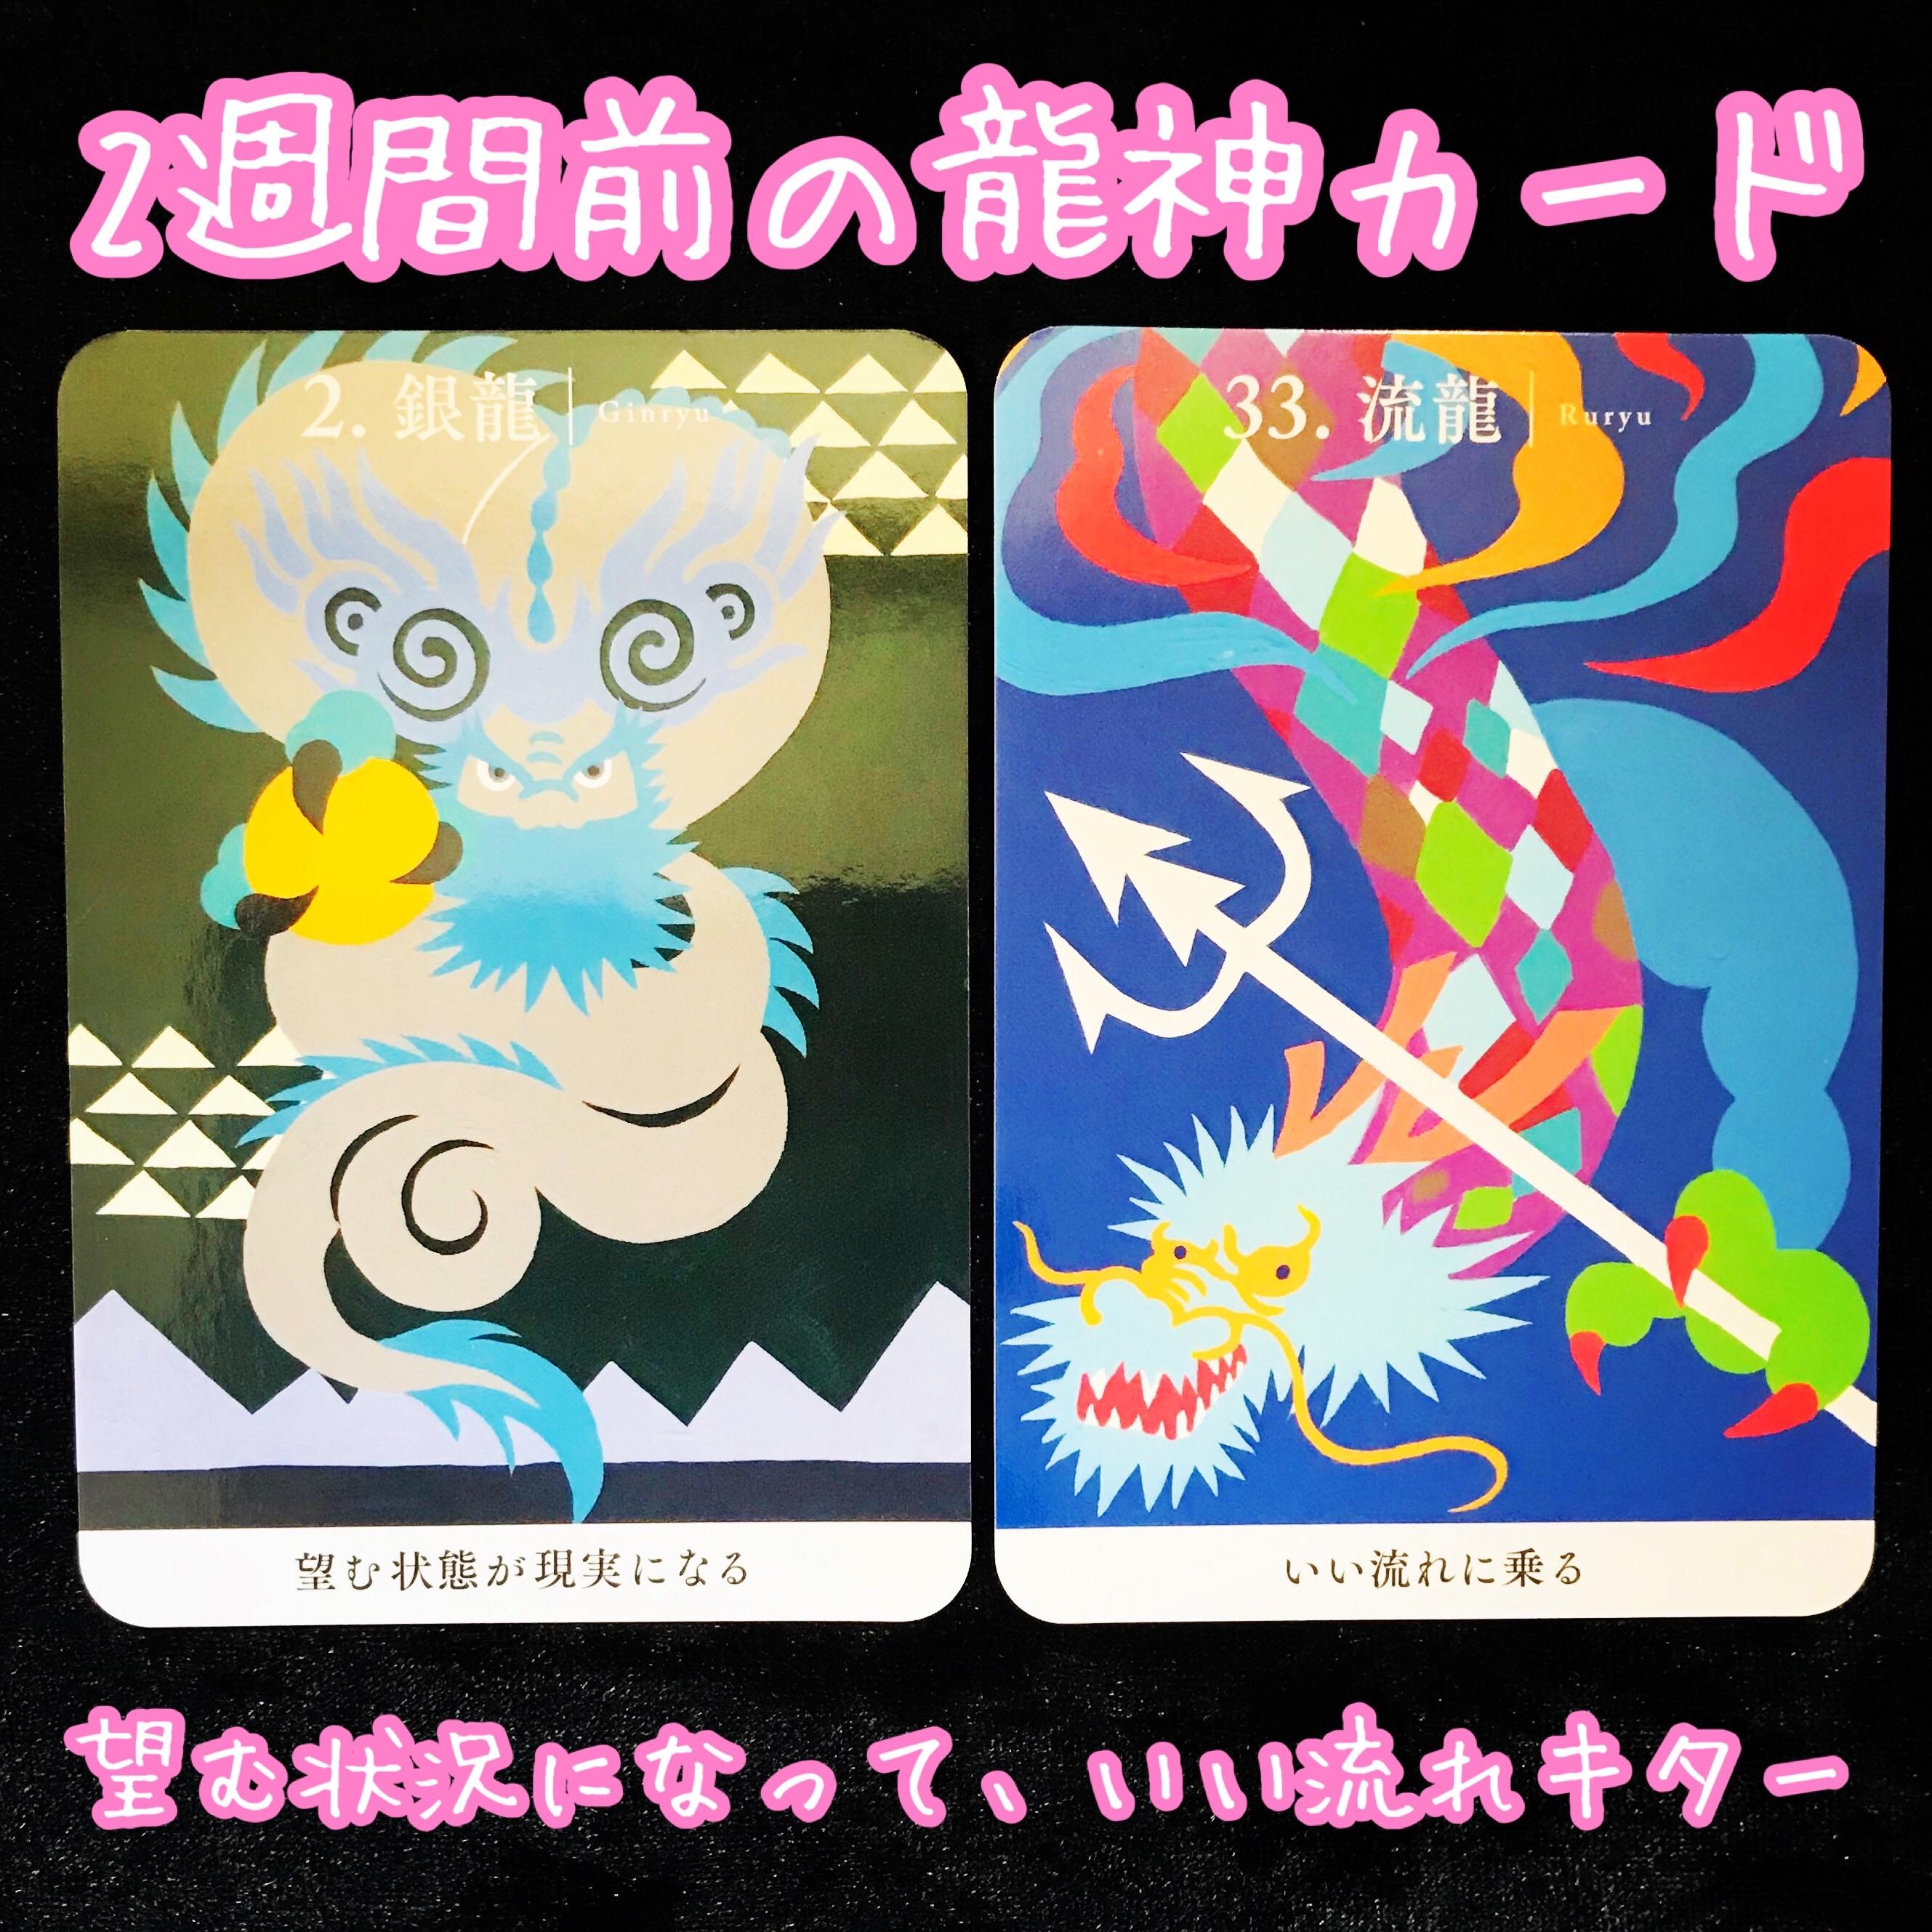 f:id:hana_su-hi:20200229175052j:image